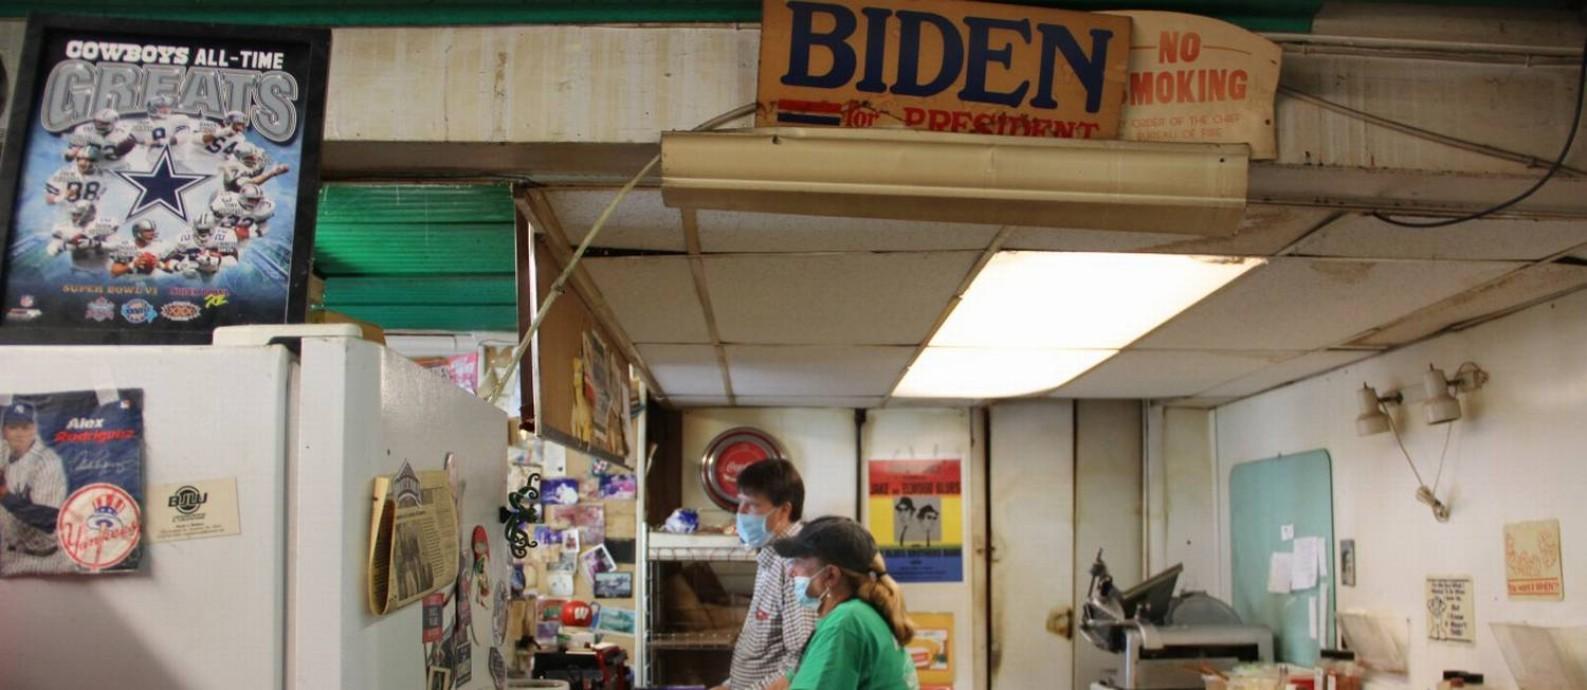 Tom Owens é dono da lanchonete onde Biden pede sanduíche sabor italiano quando vai a Scranton Foto: Paola de Orte